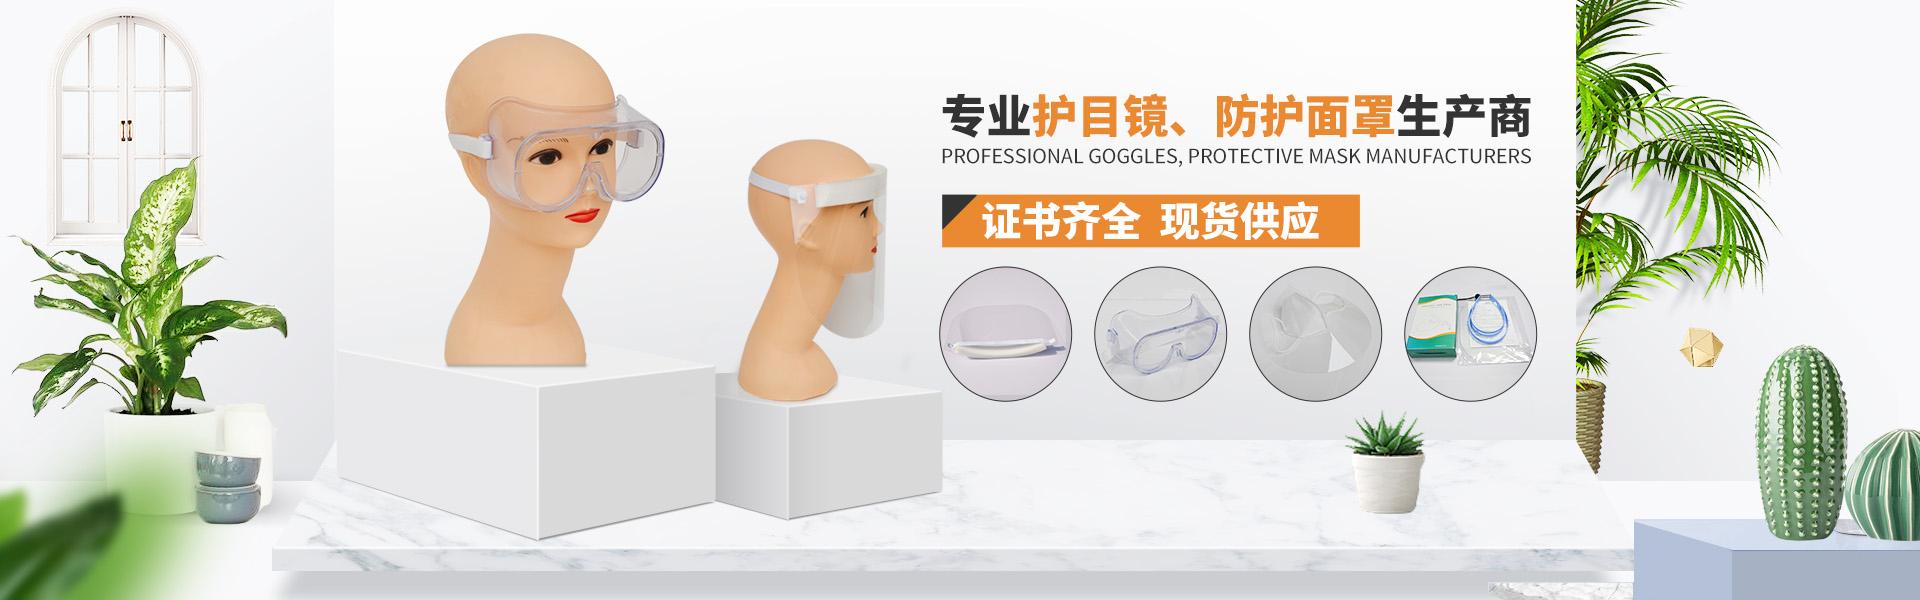 防护面罩厂家